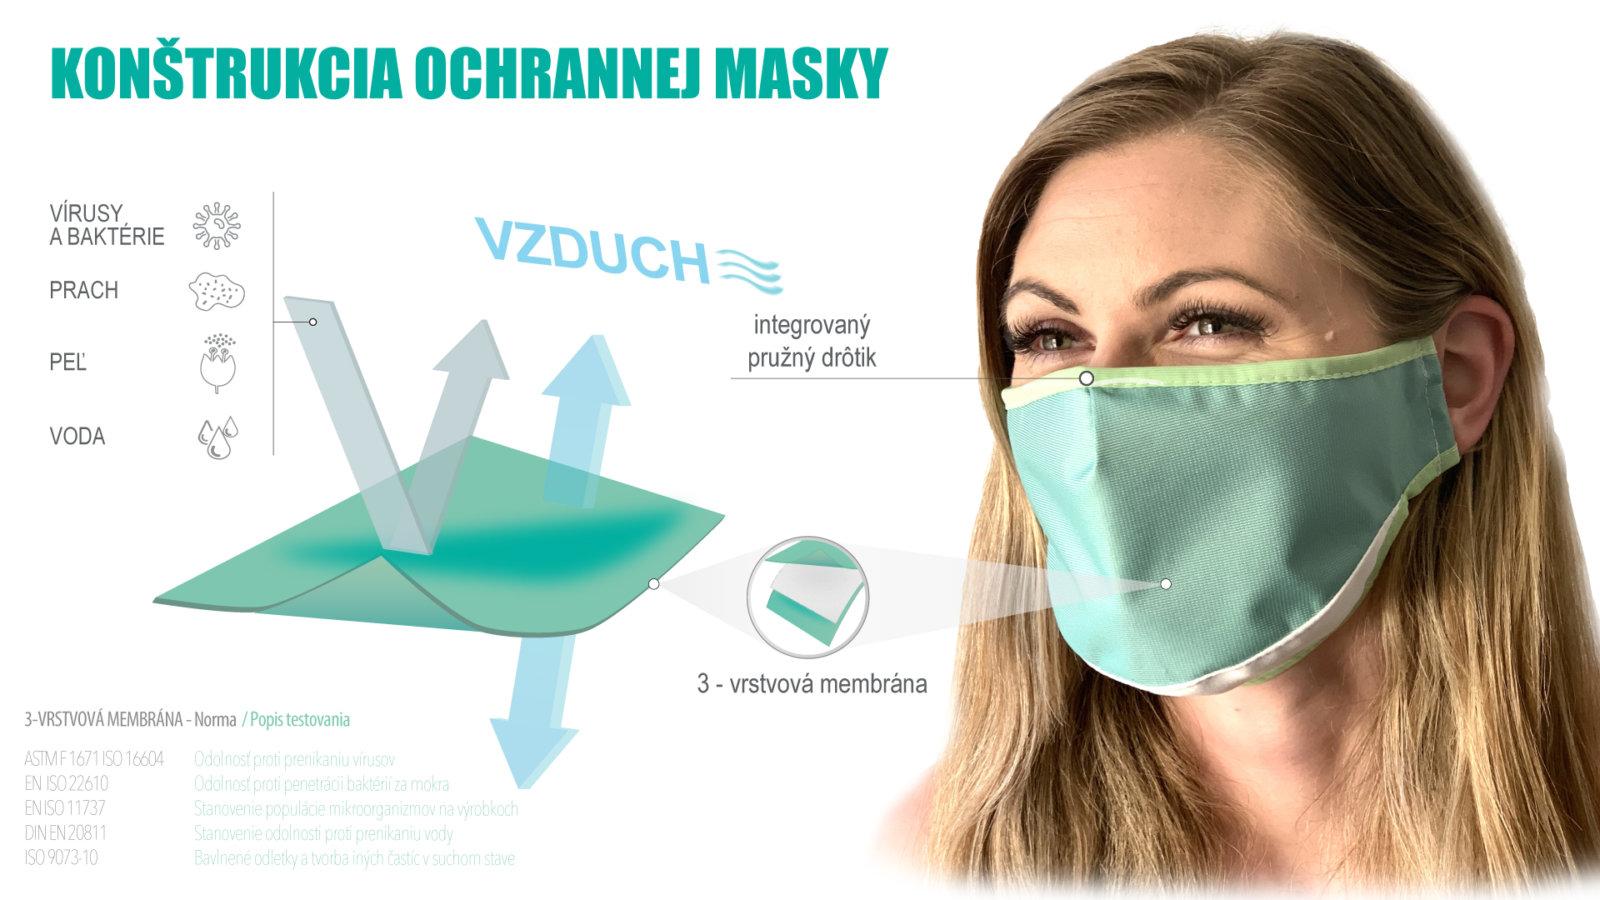 Konštrukcia ochrannej masky